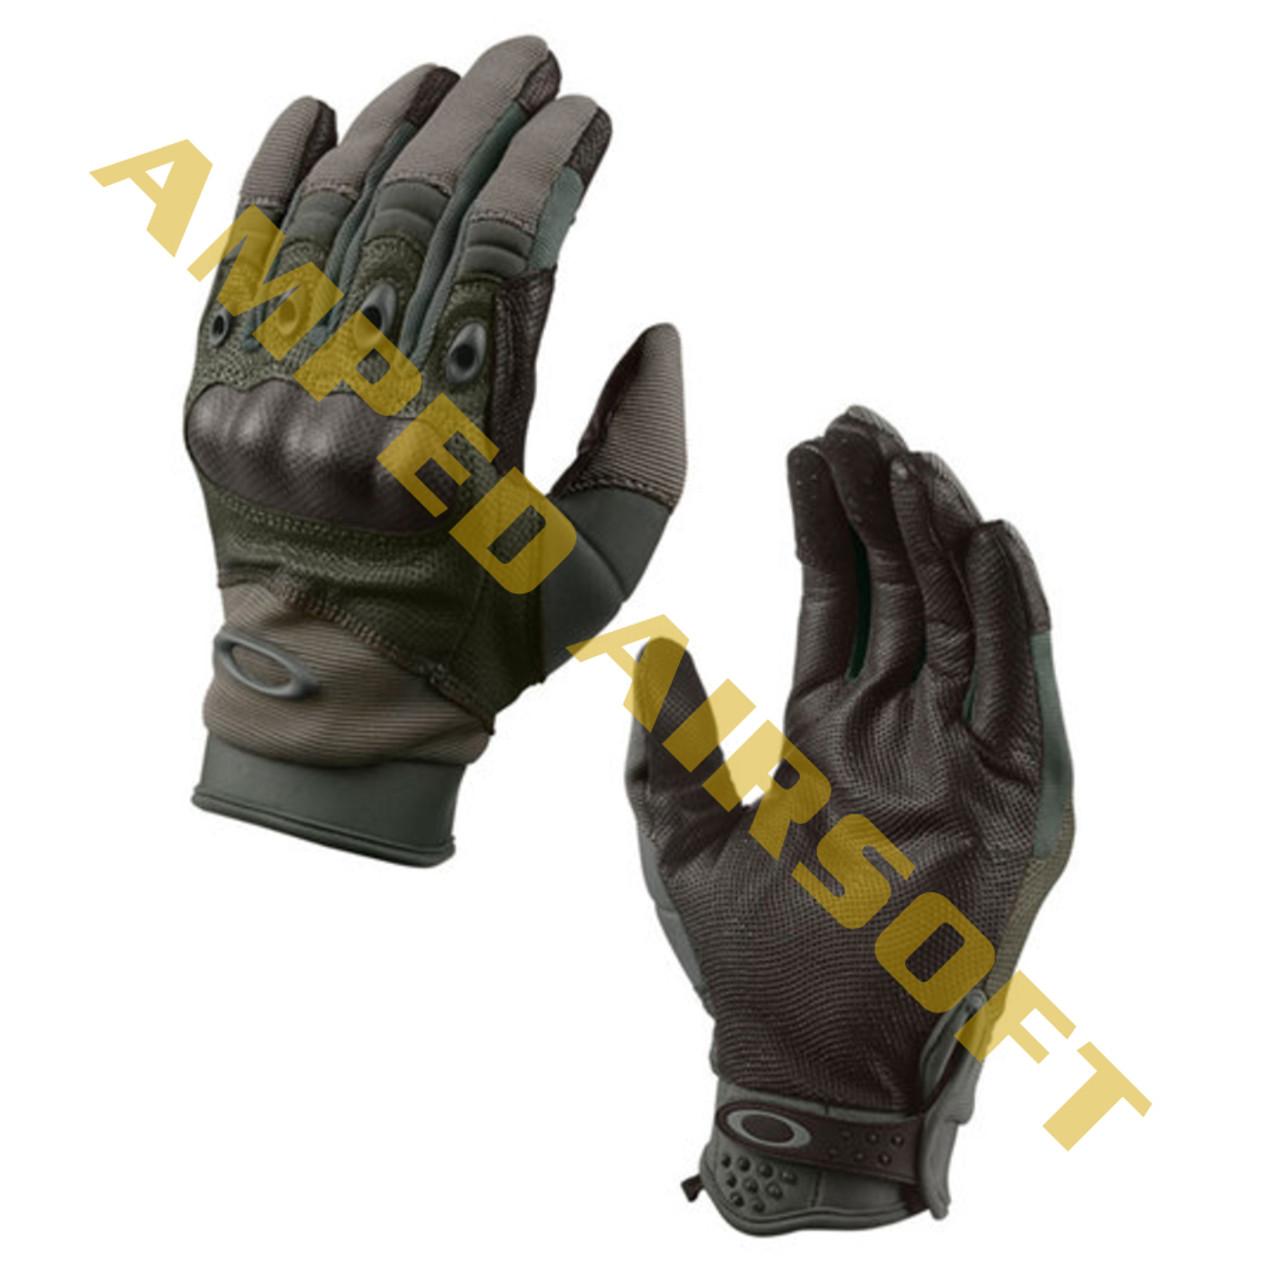 4a5eb9e841 Oakley Pilot Glove « One More Soul